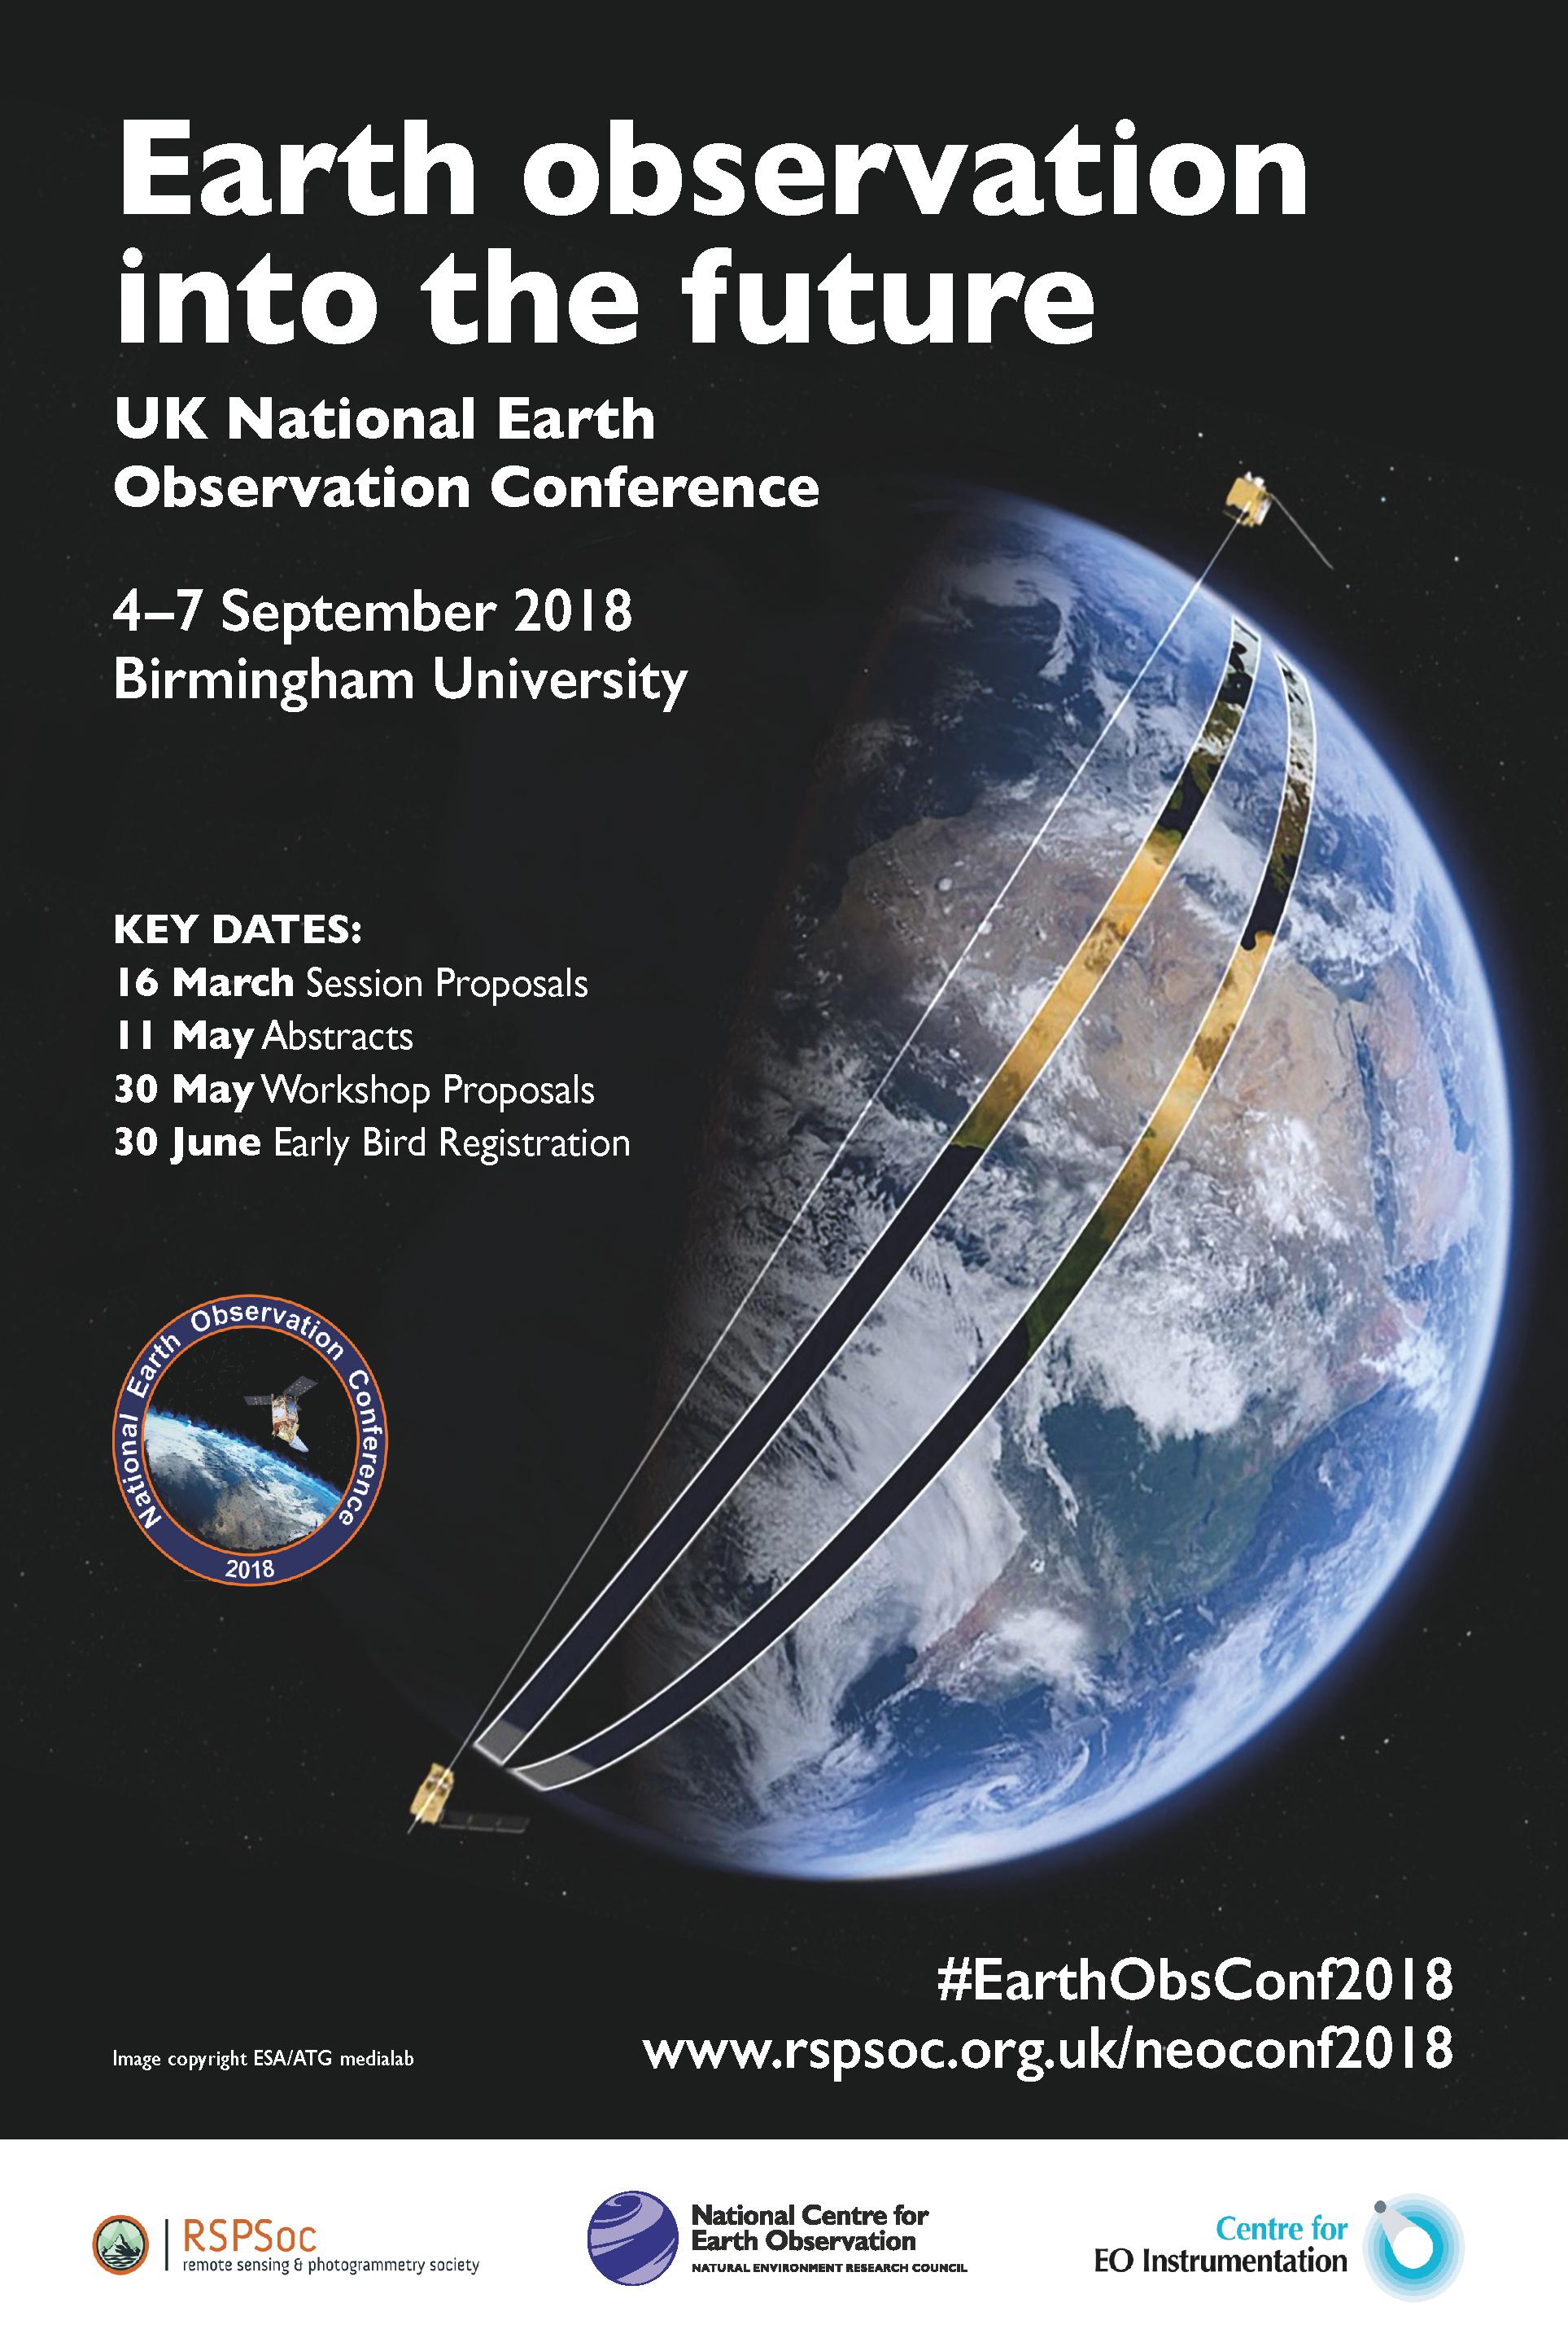 UK National Earth Observation Conference Flyer.png